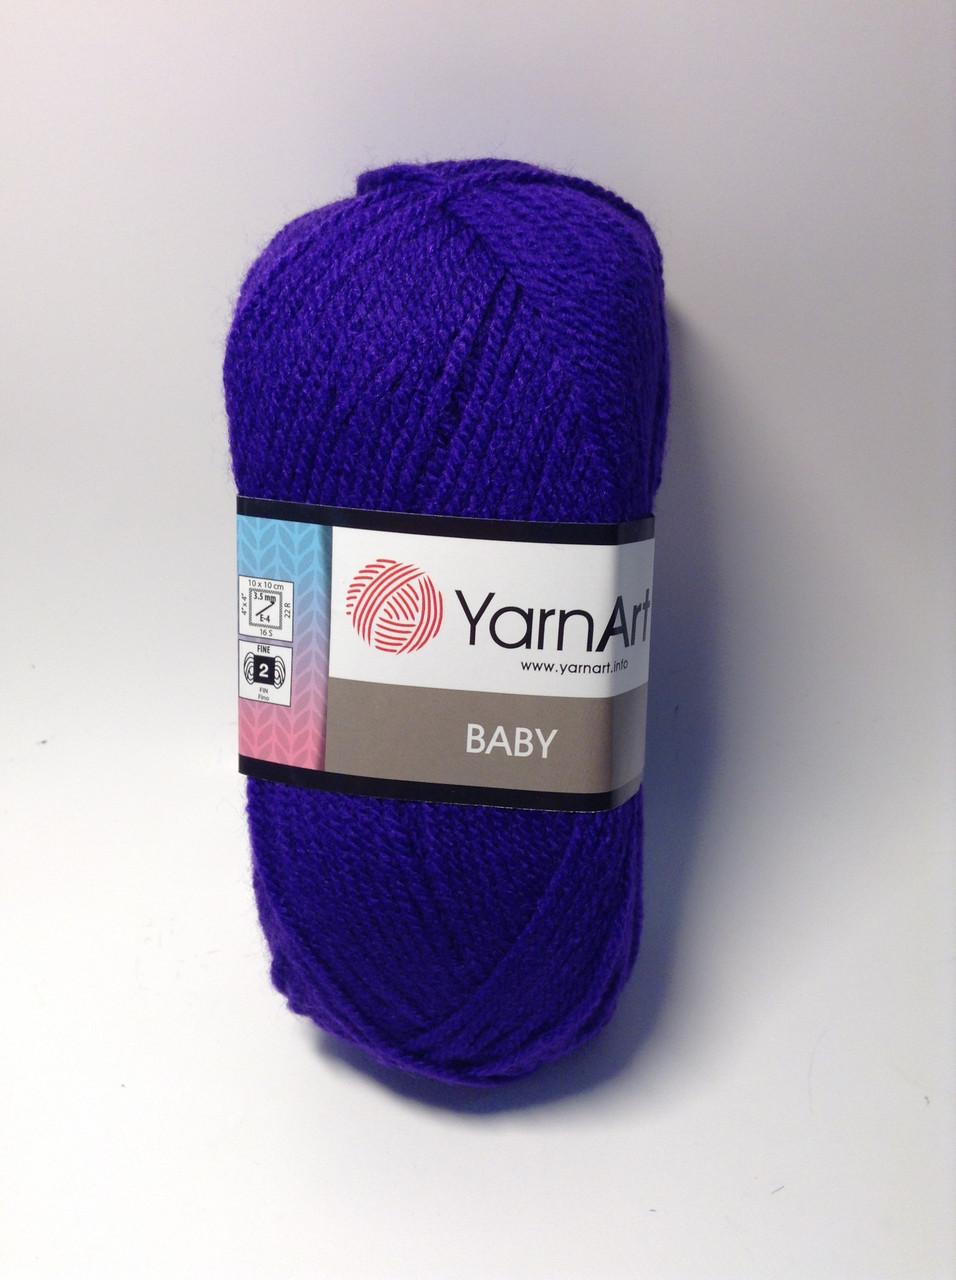 Пряжа baby YarnArt (100% акрил) - фіолетовий